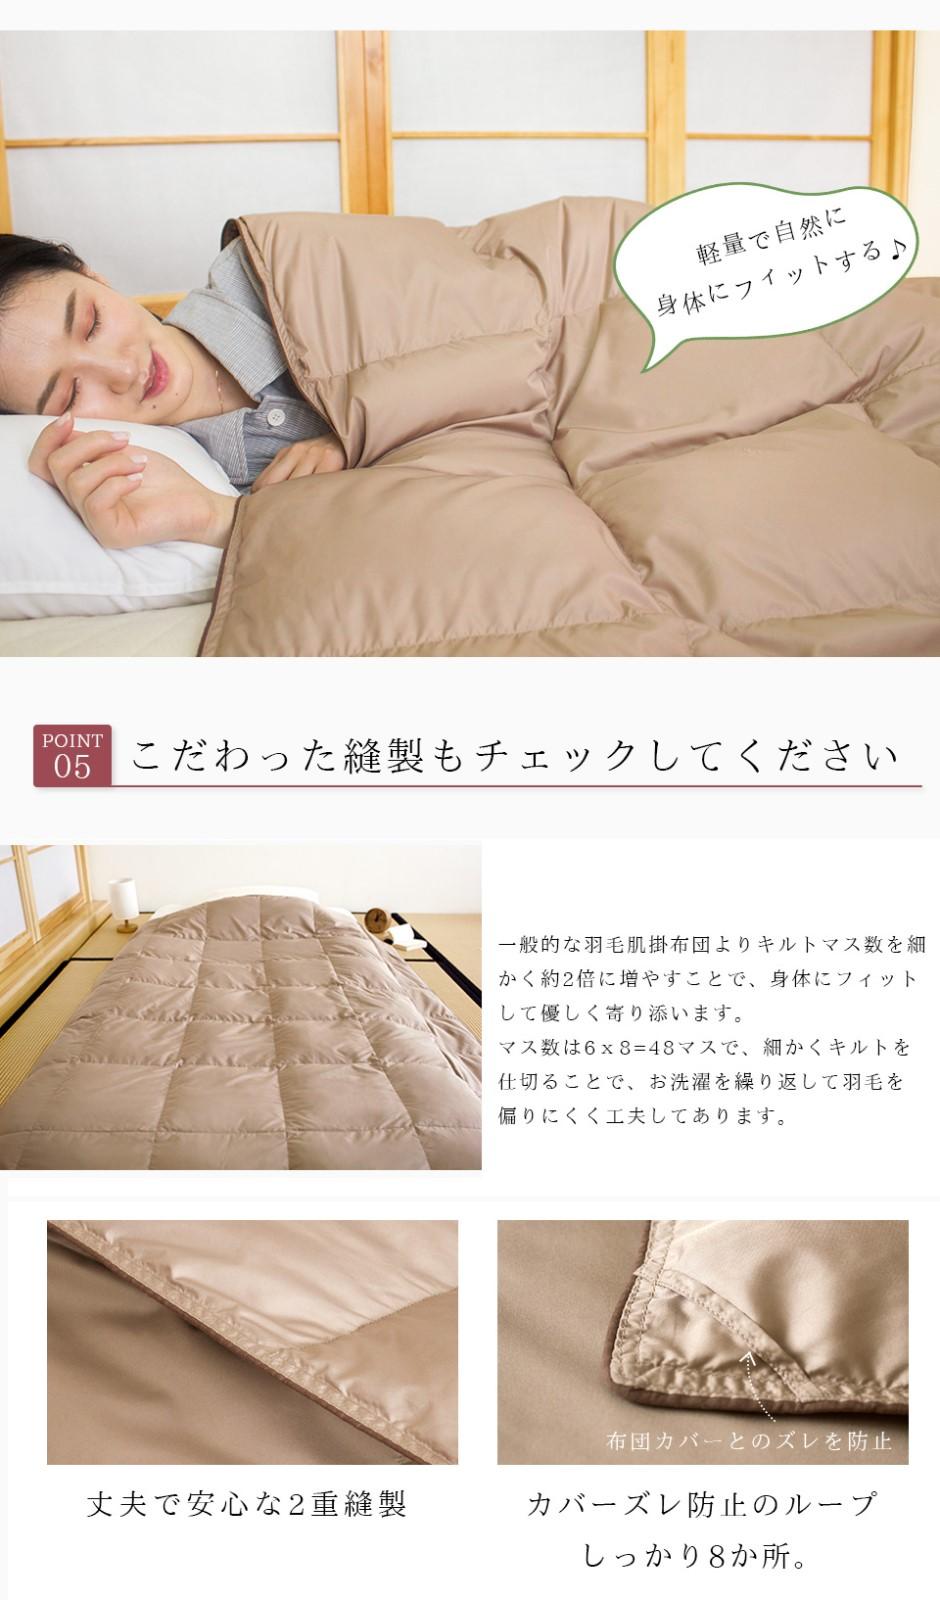 羽毛肌掛け布団 ダウンケット シングル  春夏用 洗える ダウン90% 爽やかな肌ざわりで夏も快適な寝心地